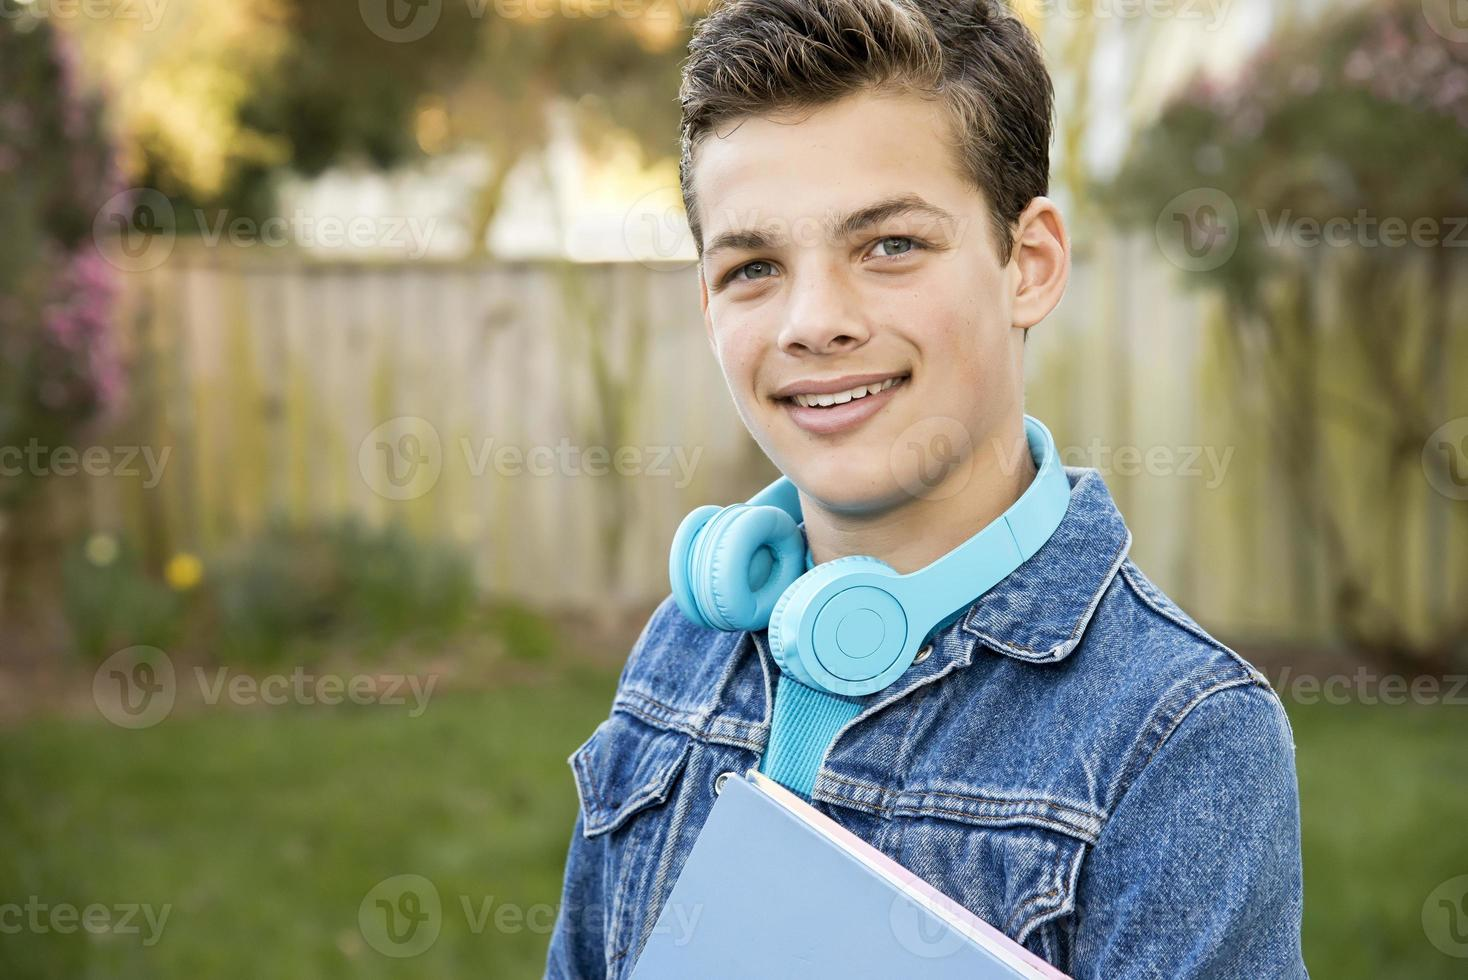 Happy teenage boy photo